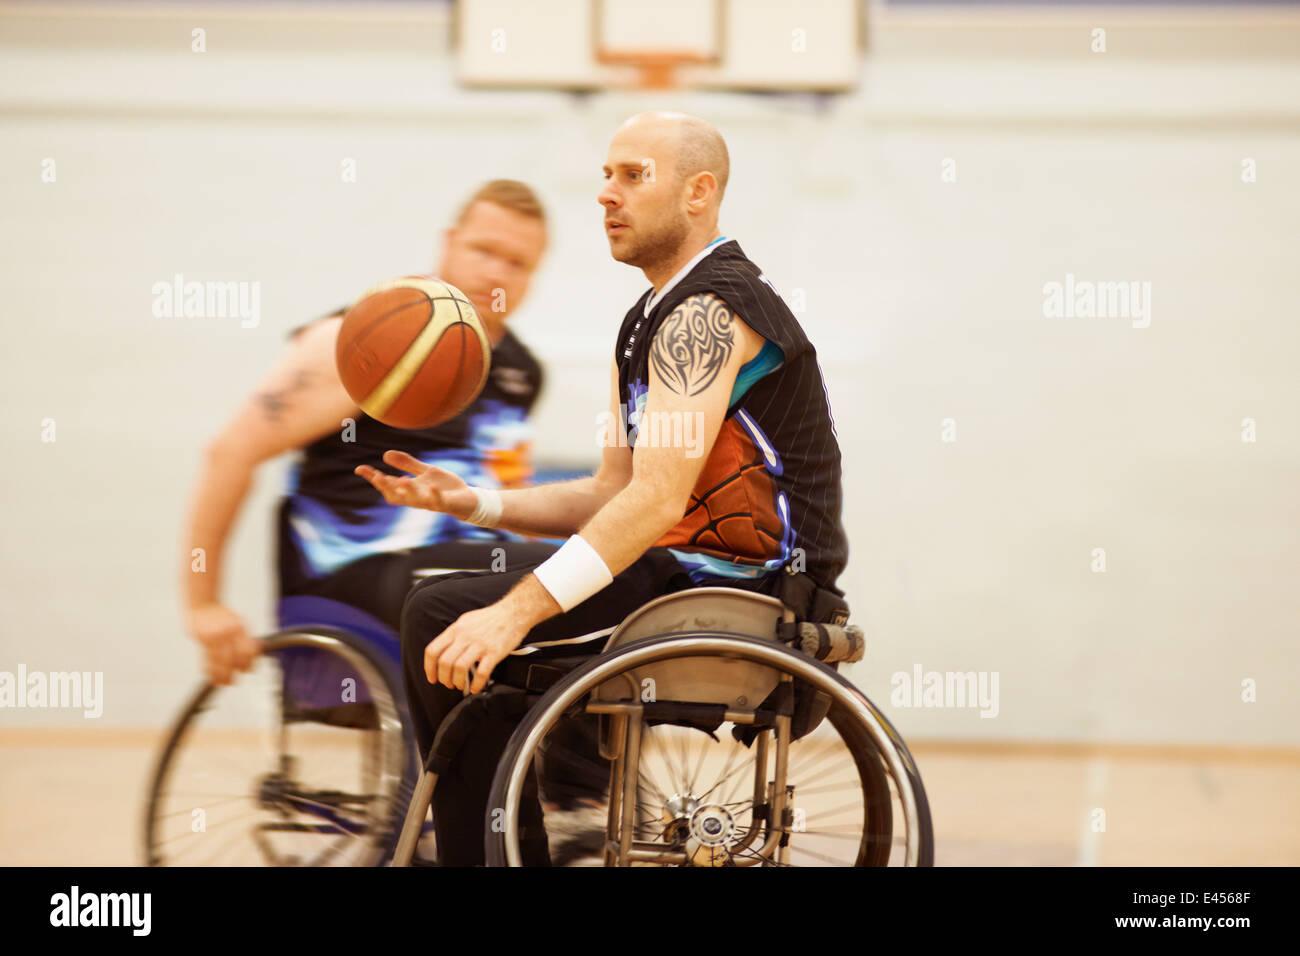 Rollstuhl Basketball Spieler springenden ball Stockbild